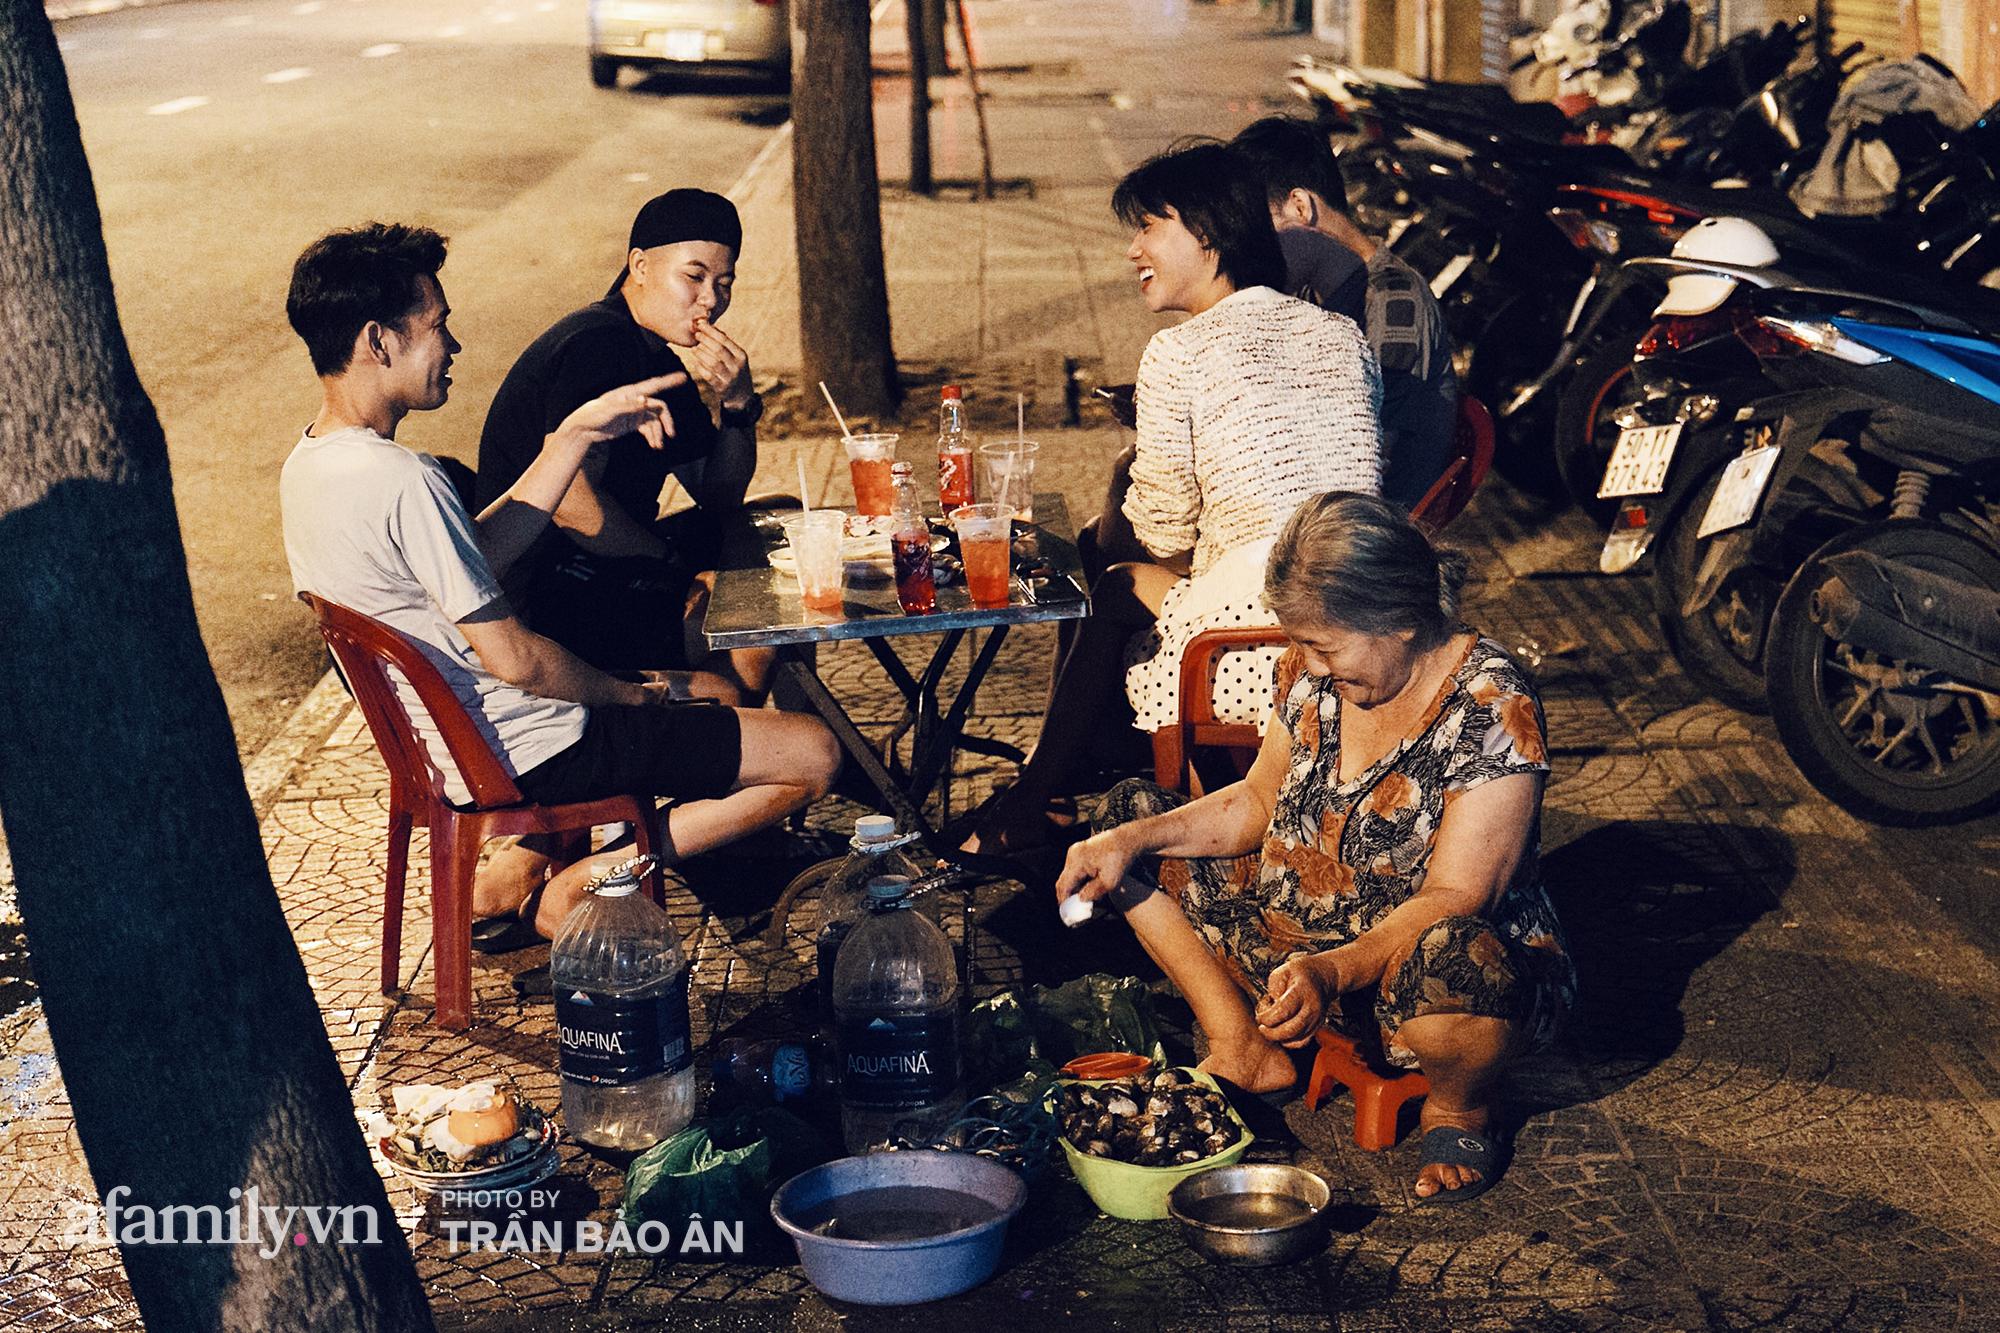 """Hàng """"ốc đèn đường"""" của bà cụ gần 70 tuổi đang nổi tiếng ở Sài Gòn, lạ đời khi khách tới thấy rẻ là than, nhiều người phụ bán không công chỉ trong 1 tiếng là hết sạch hàng - Ảnh 7."""